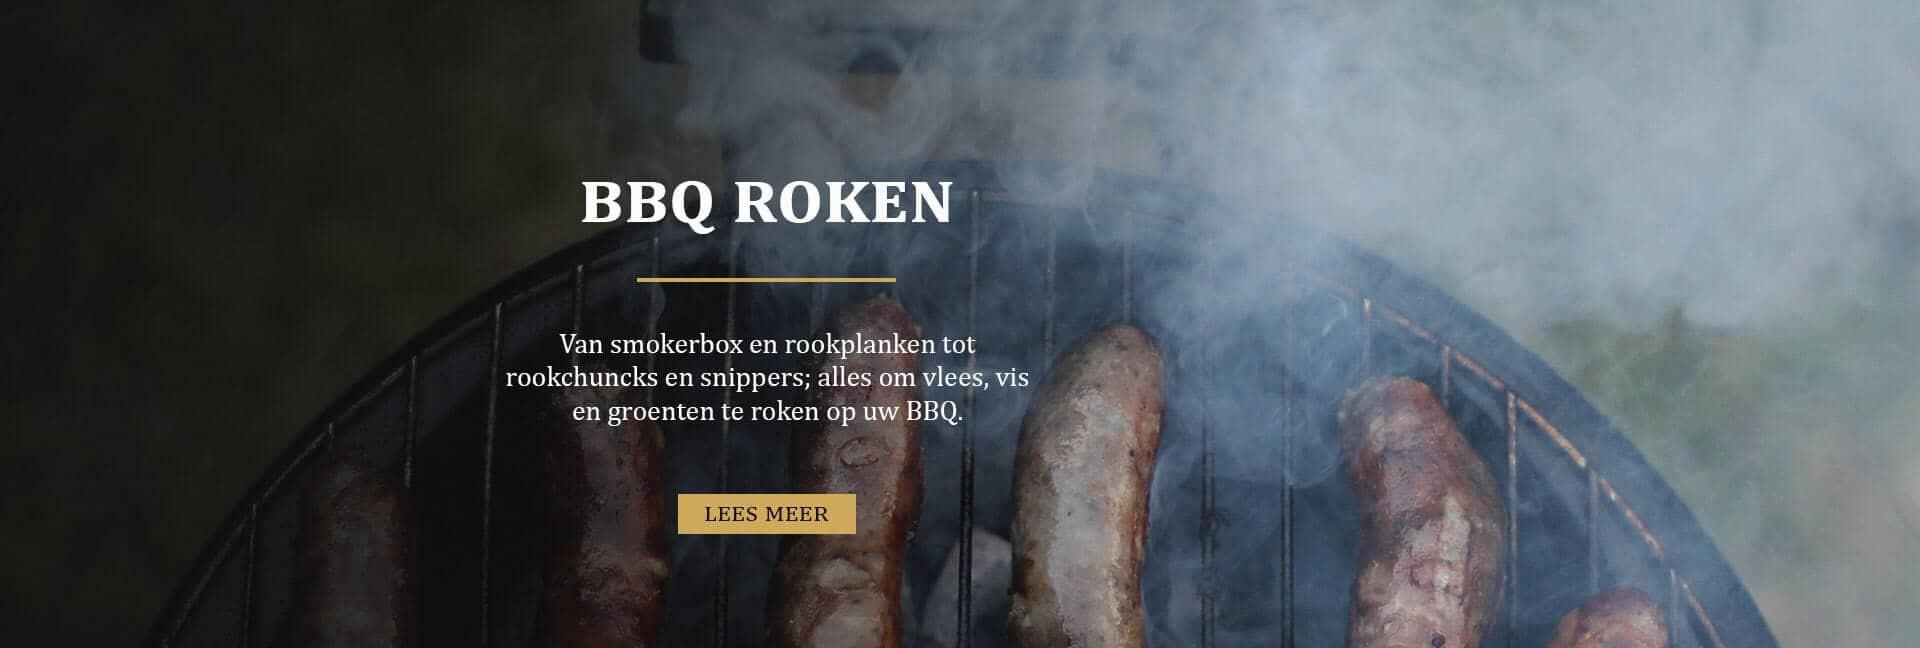 BBQ Roken